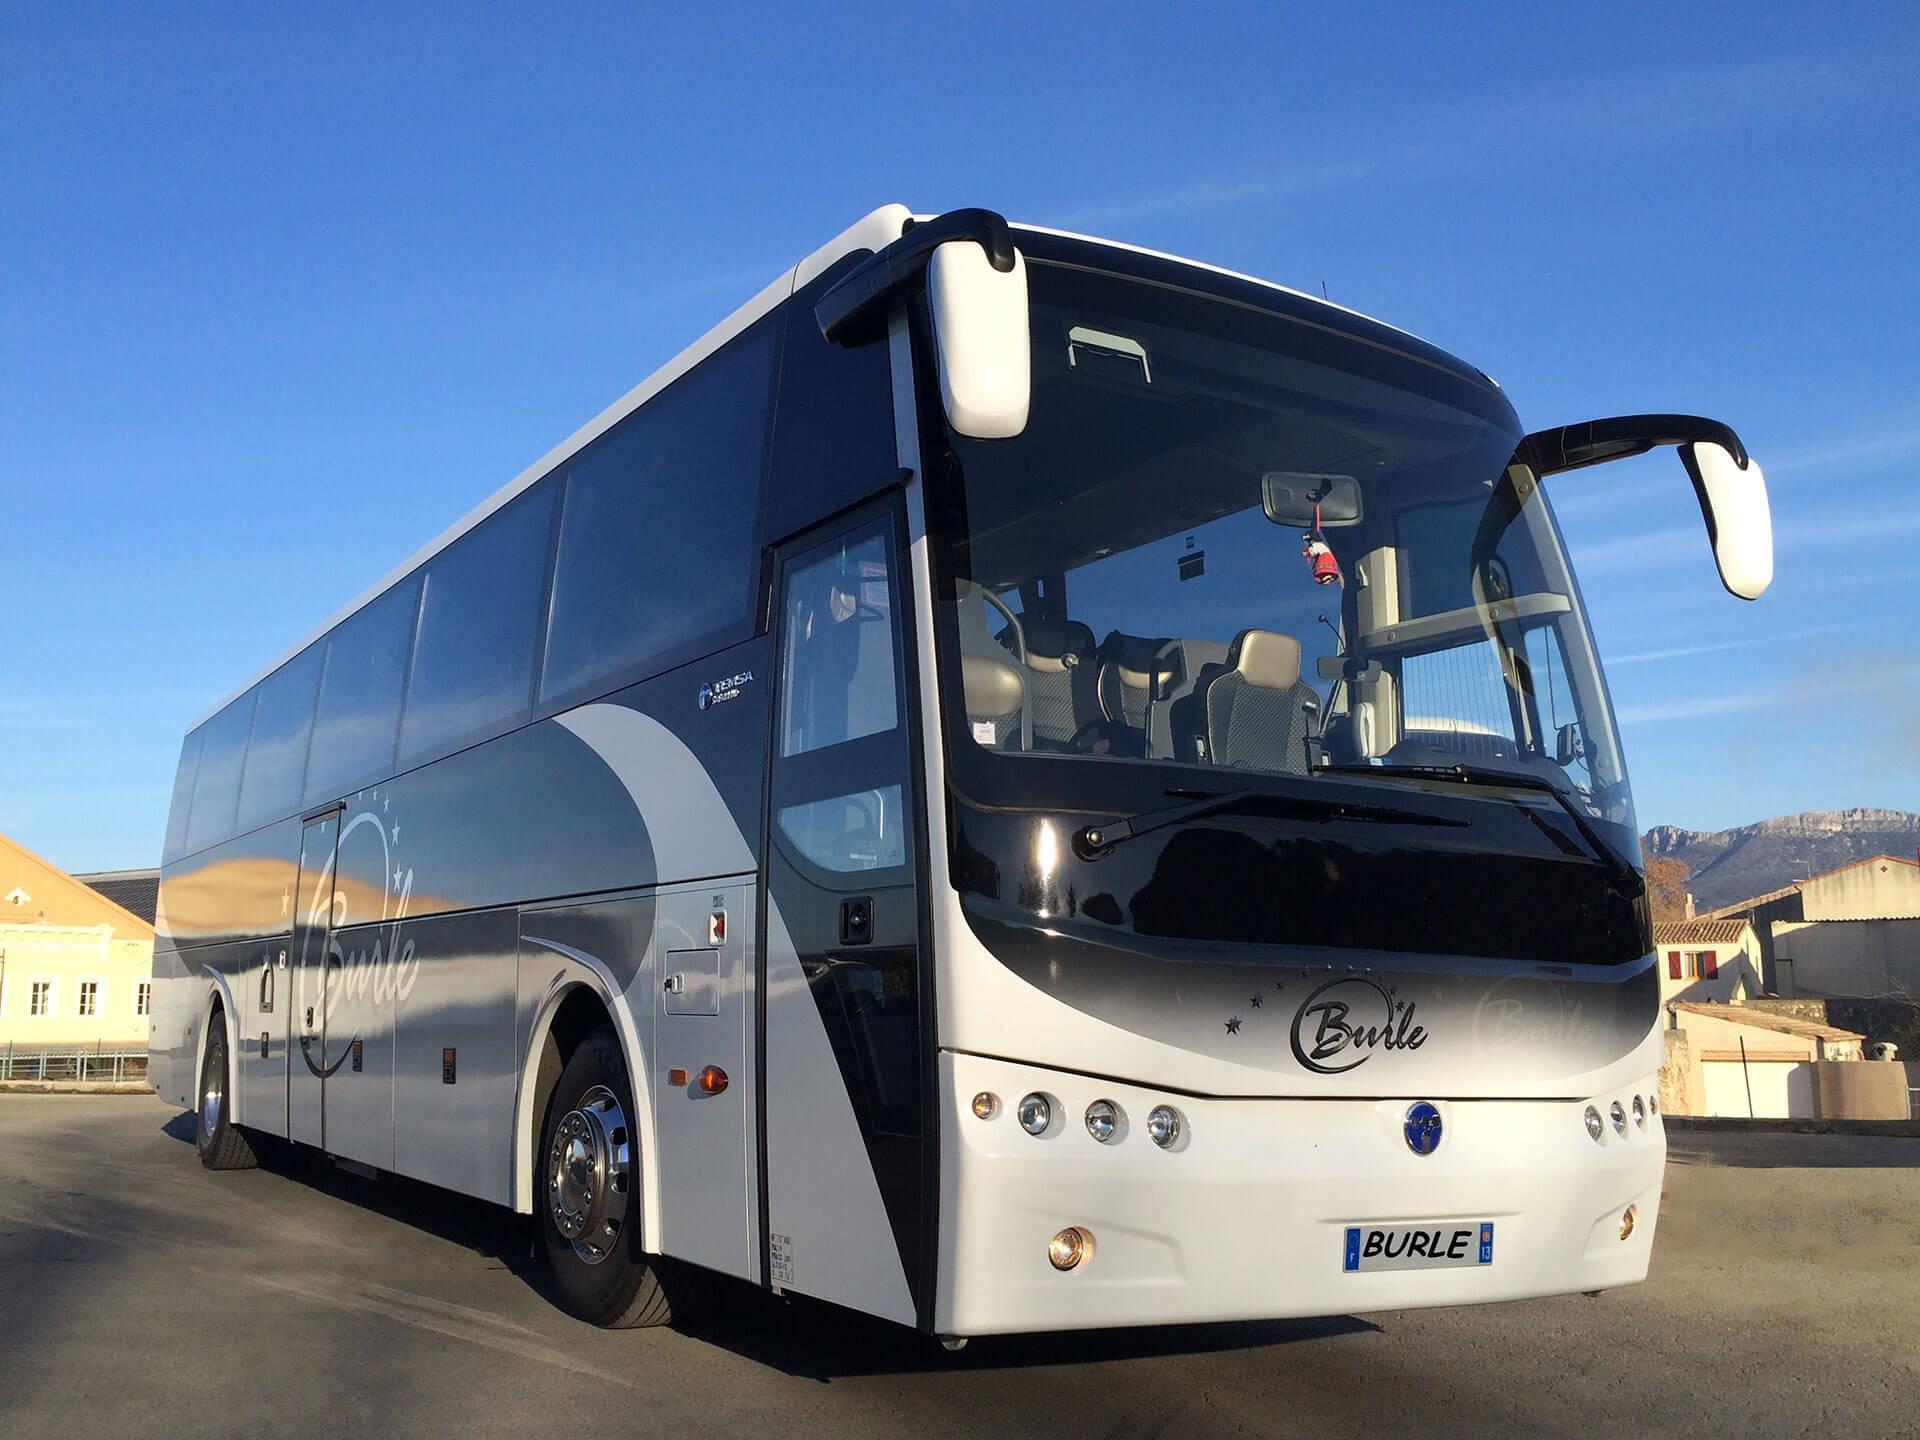 transfert aéroport autocars Aix-en-Provence Autocars BURLE